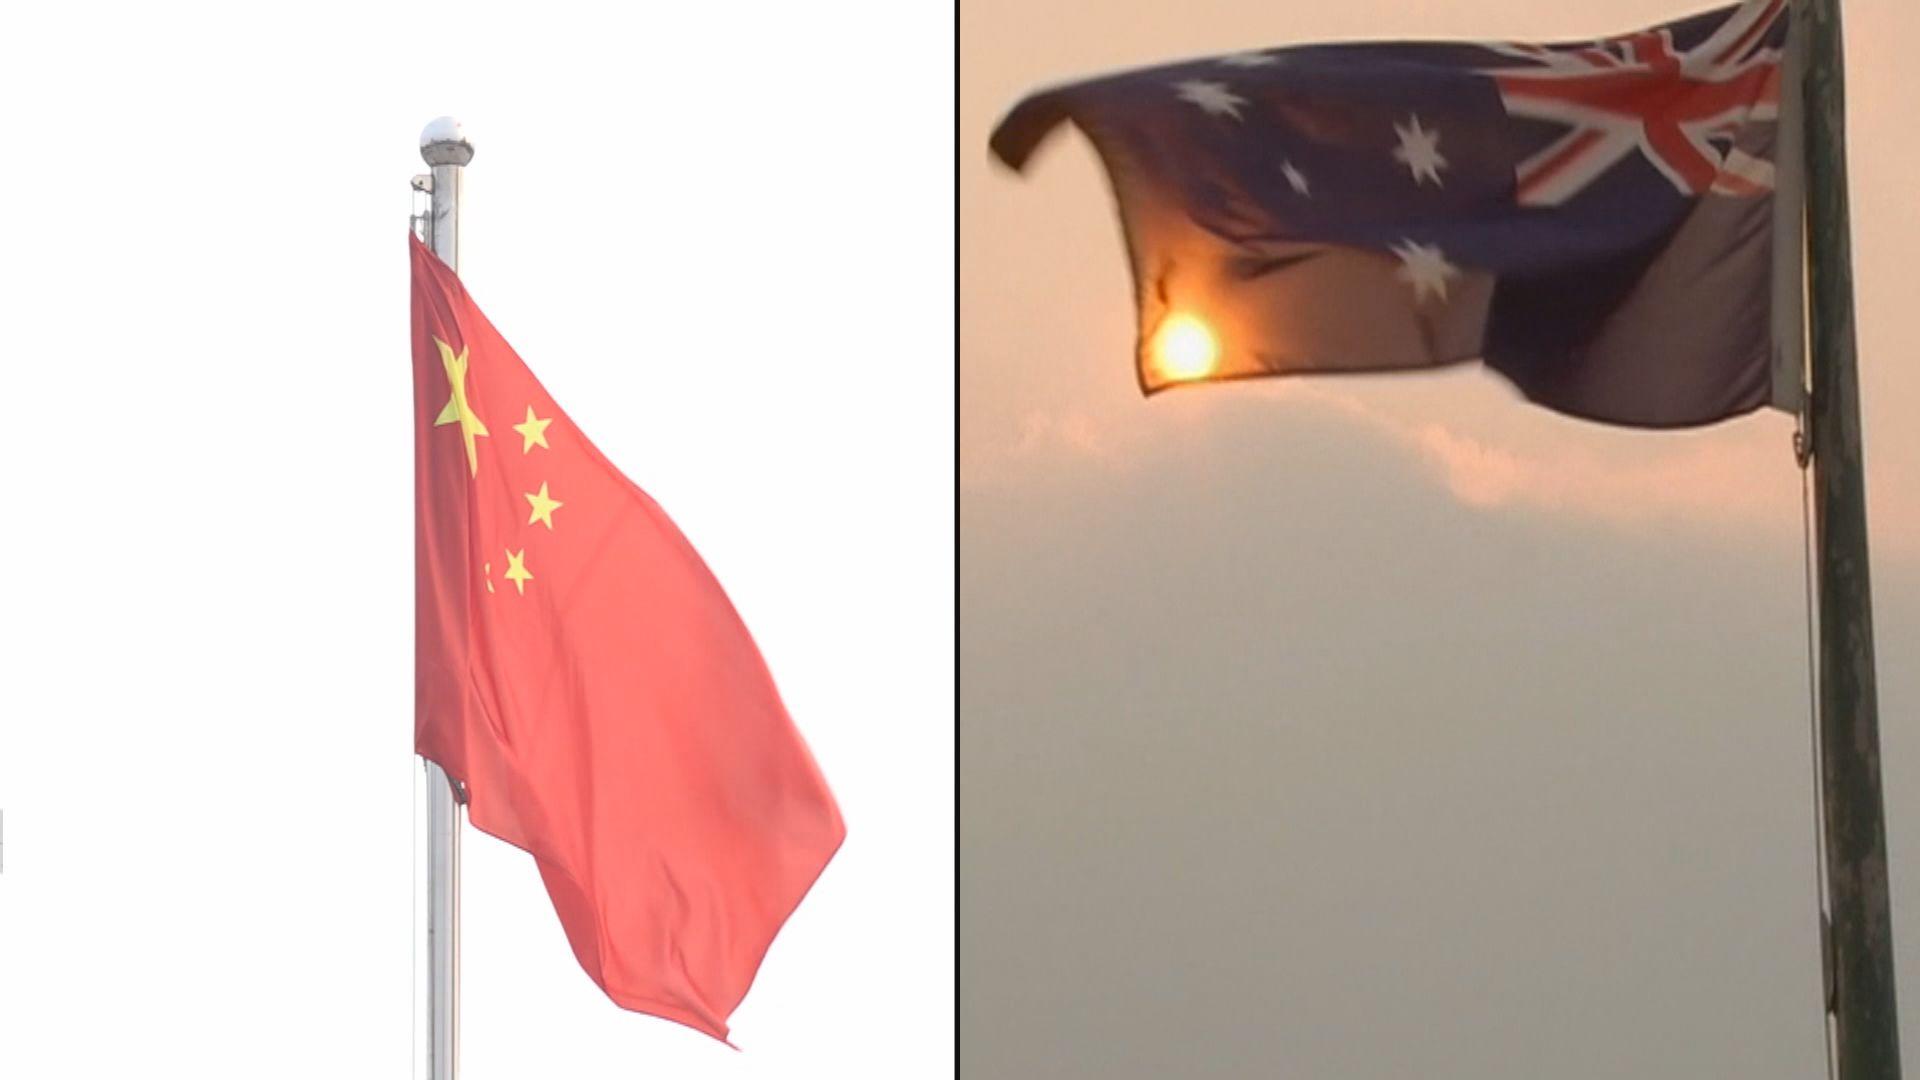 外交部證澳洲曾突擊搜查中國駐澳洲記者住所 已向澳方提嚴正交涉